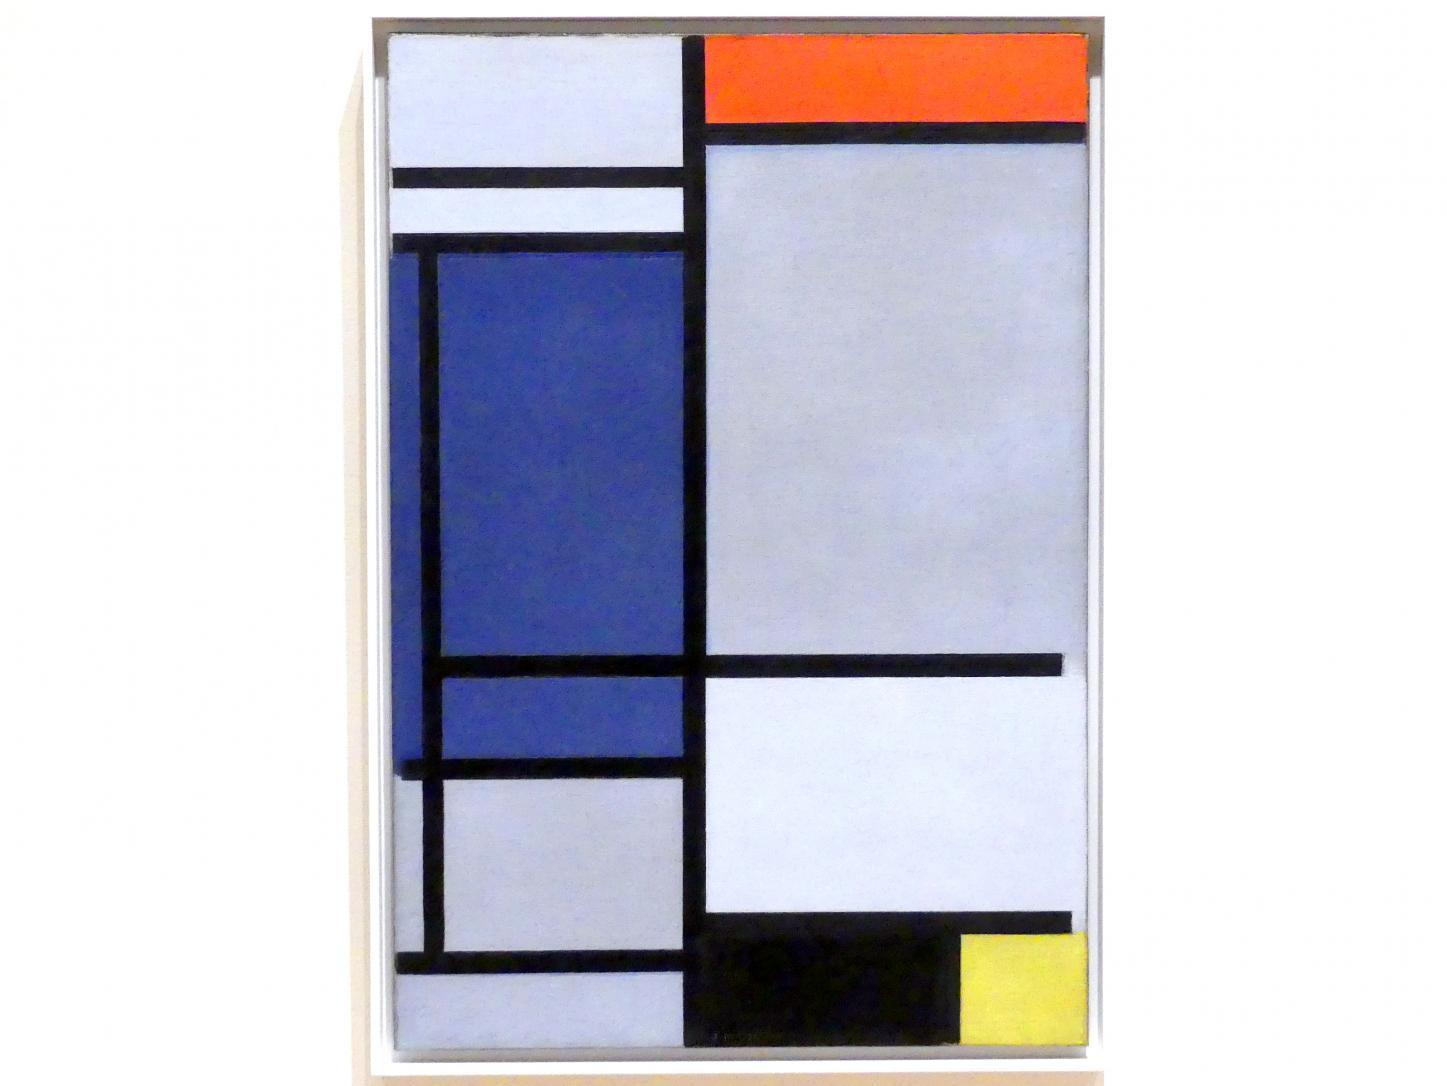 Piet Mondrian: Komposition mit Rot, Blau, Schwarz, Gelb und Grau, 1921